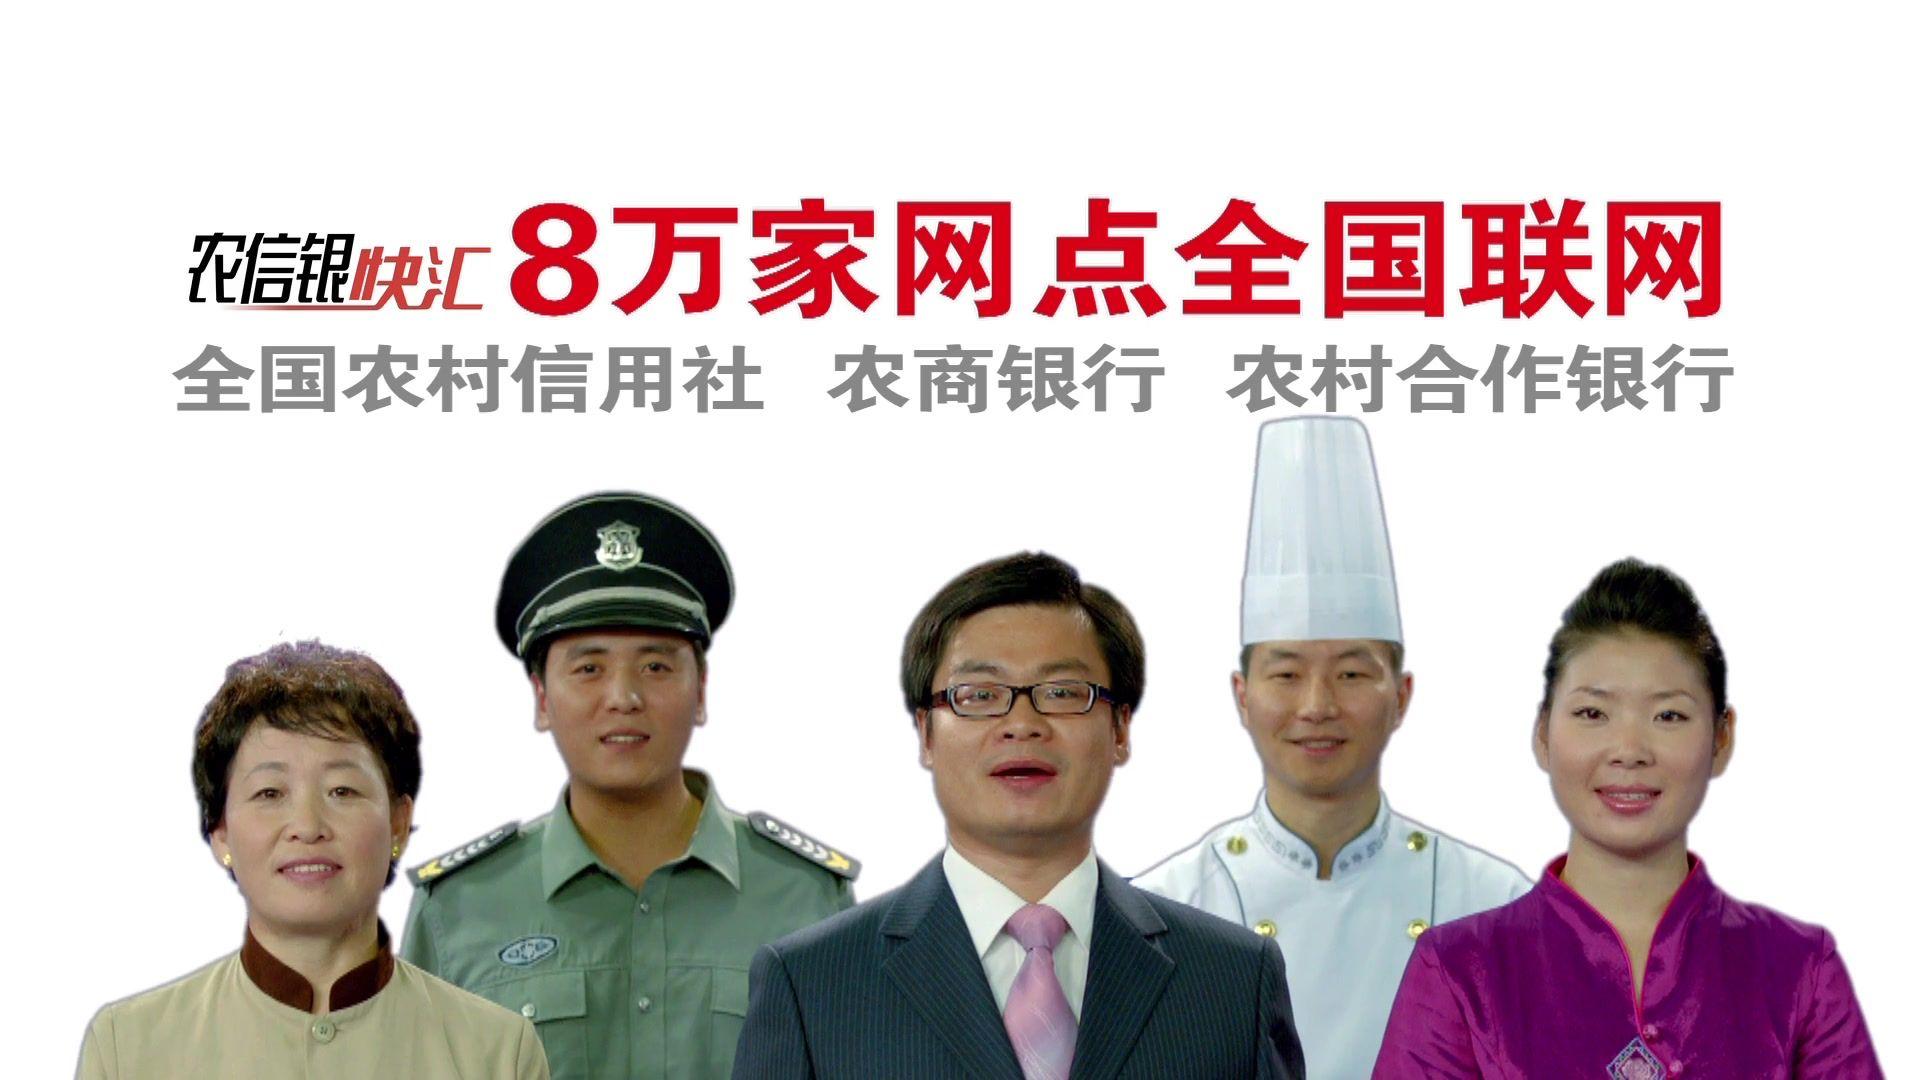 农信银快汇广告片